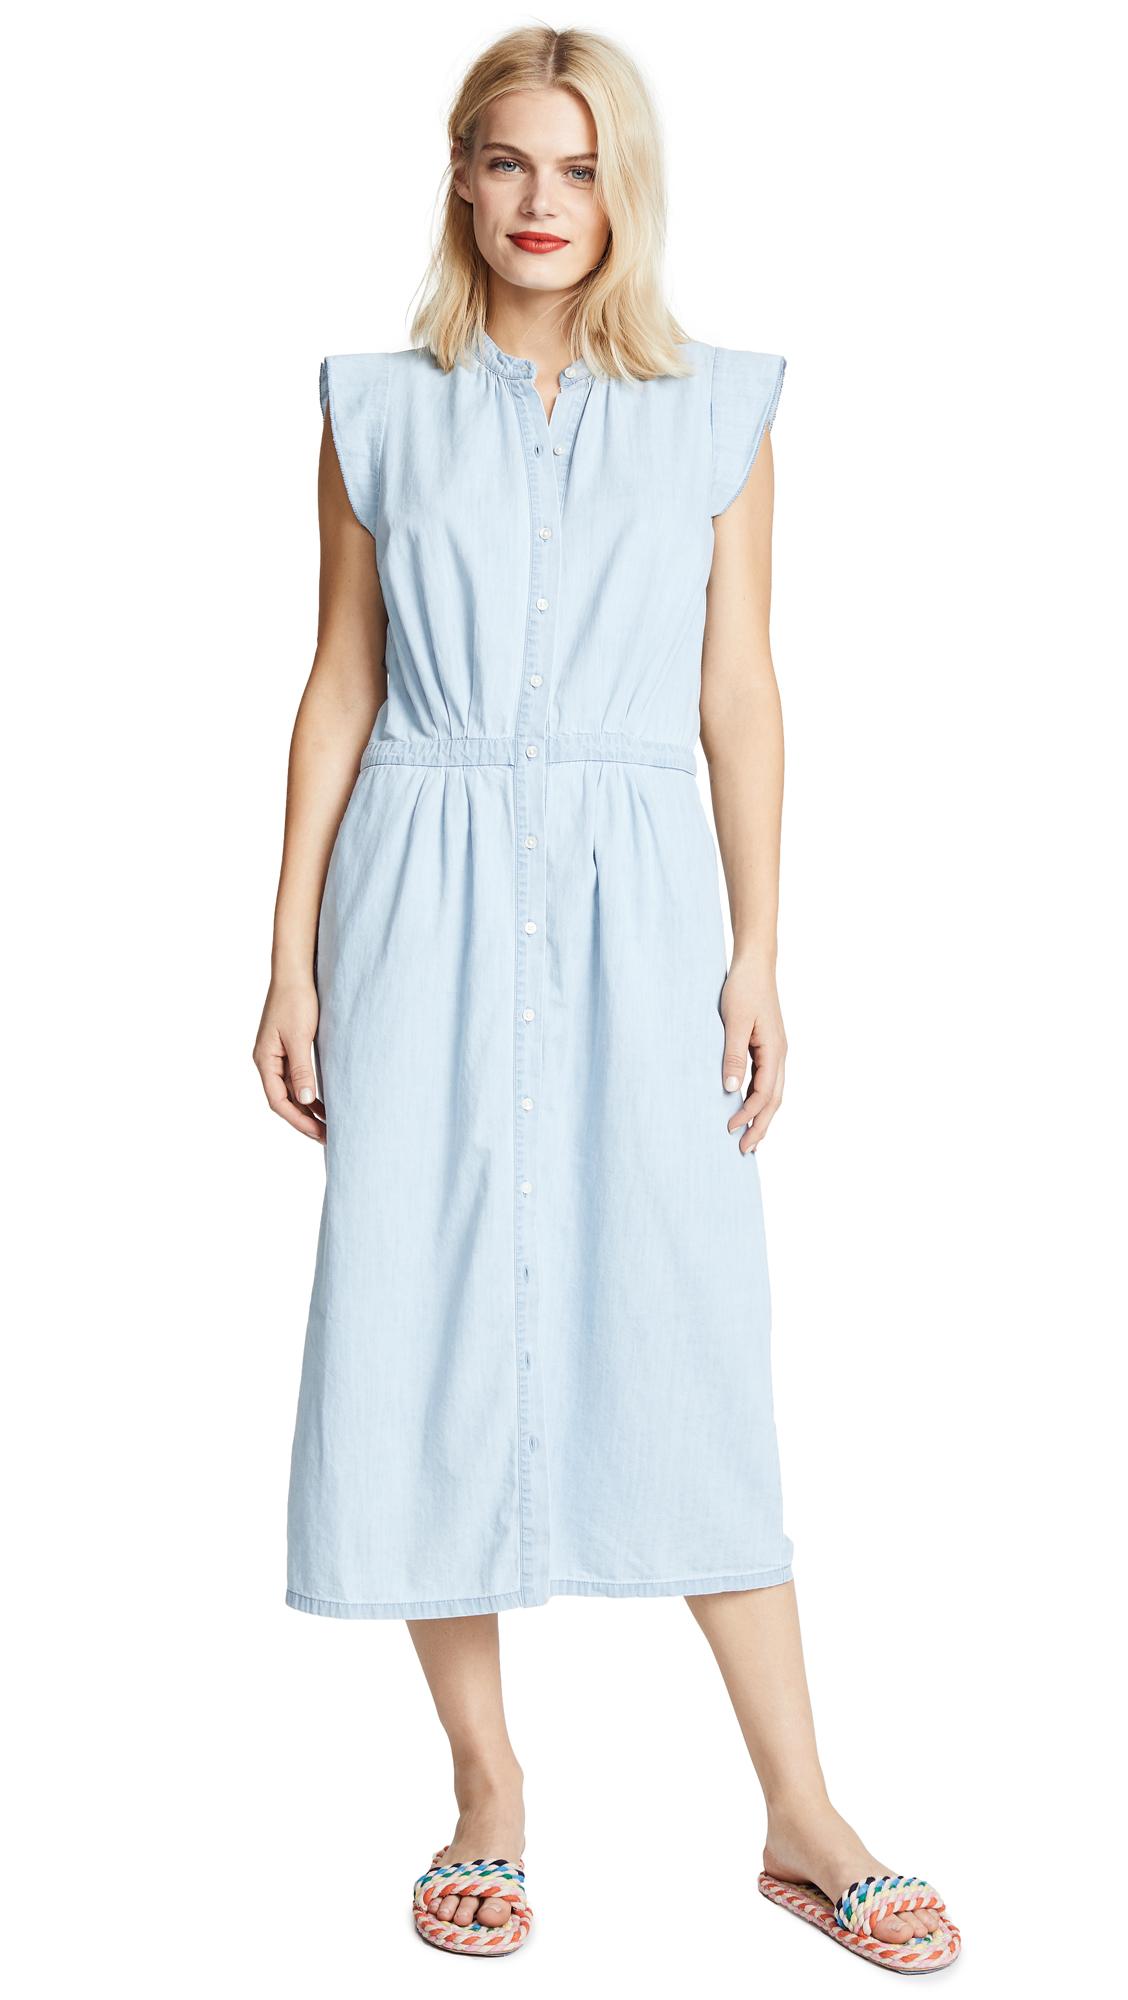 Joie Awel Dress In Western Fade